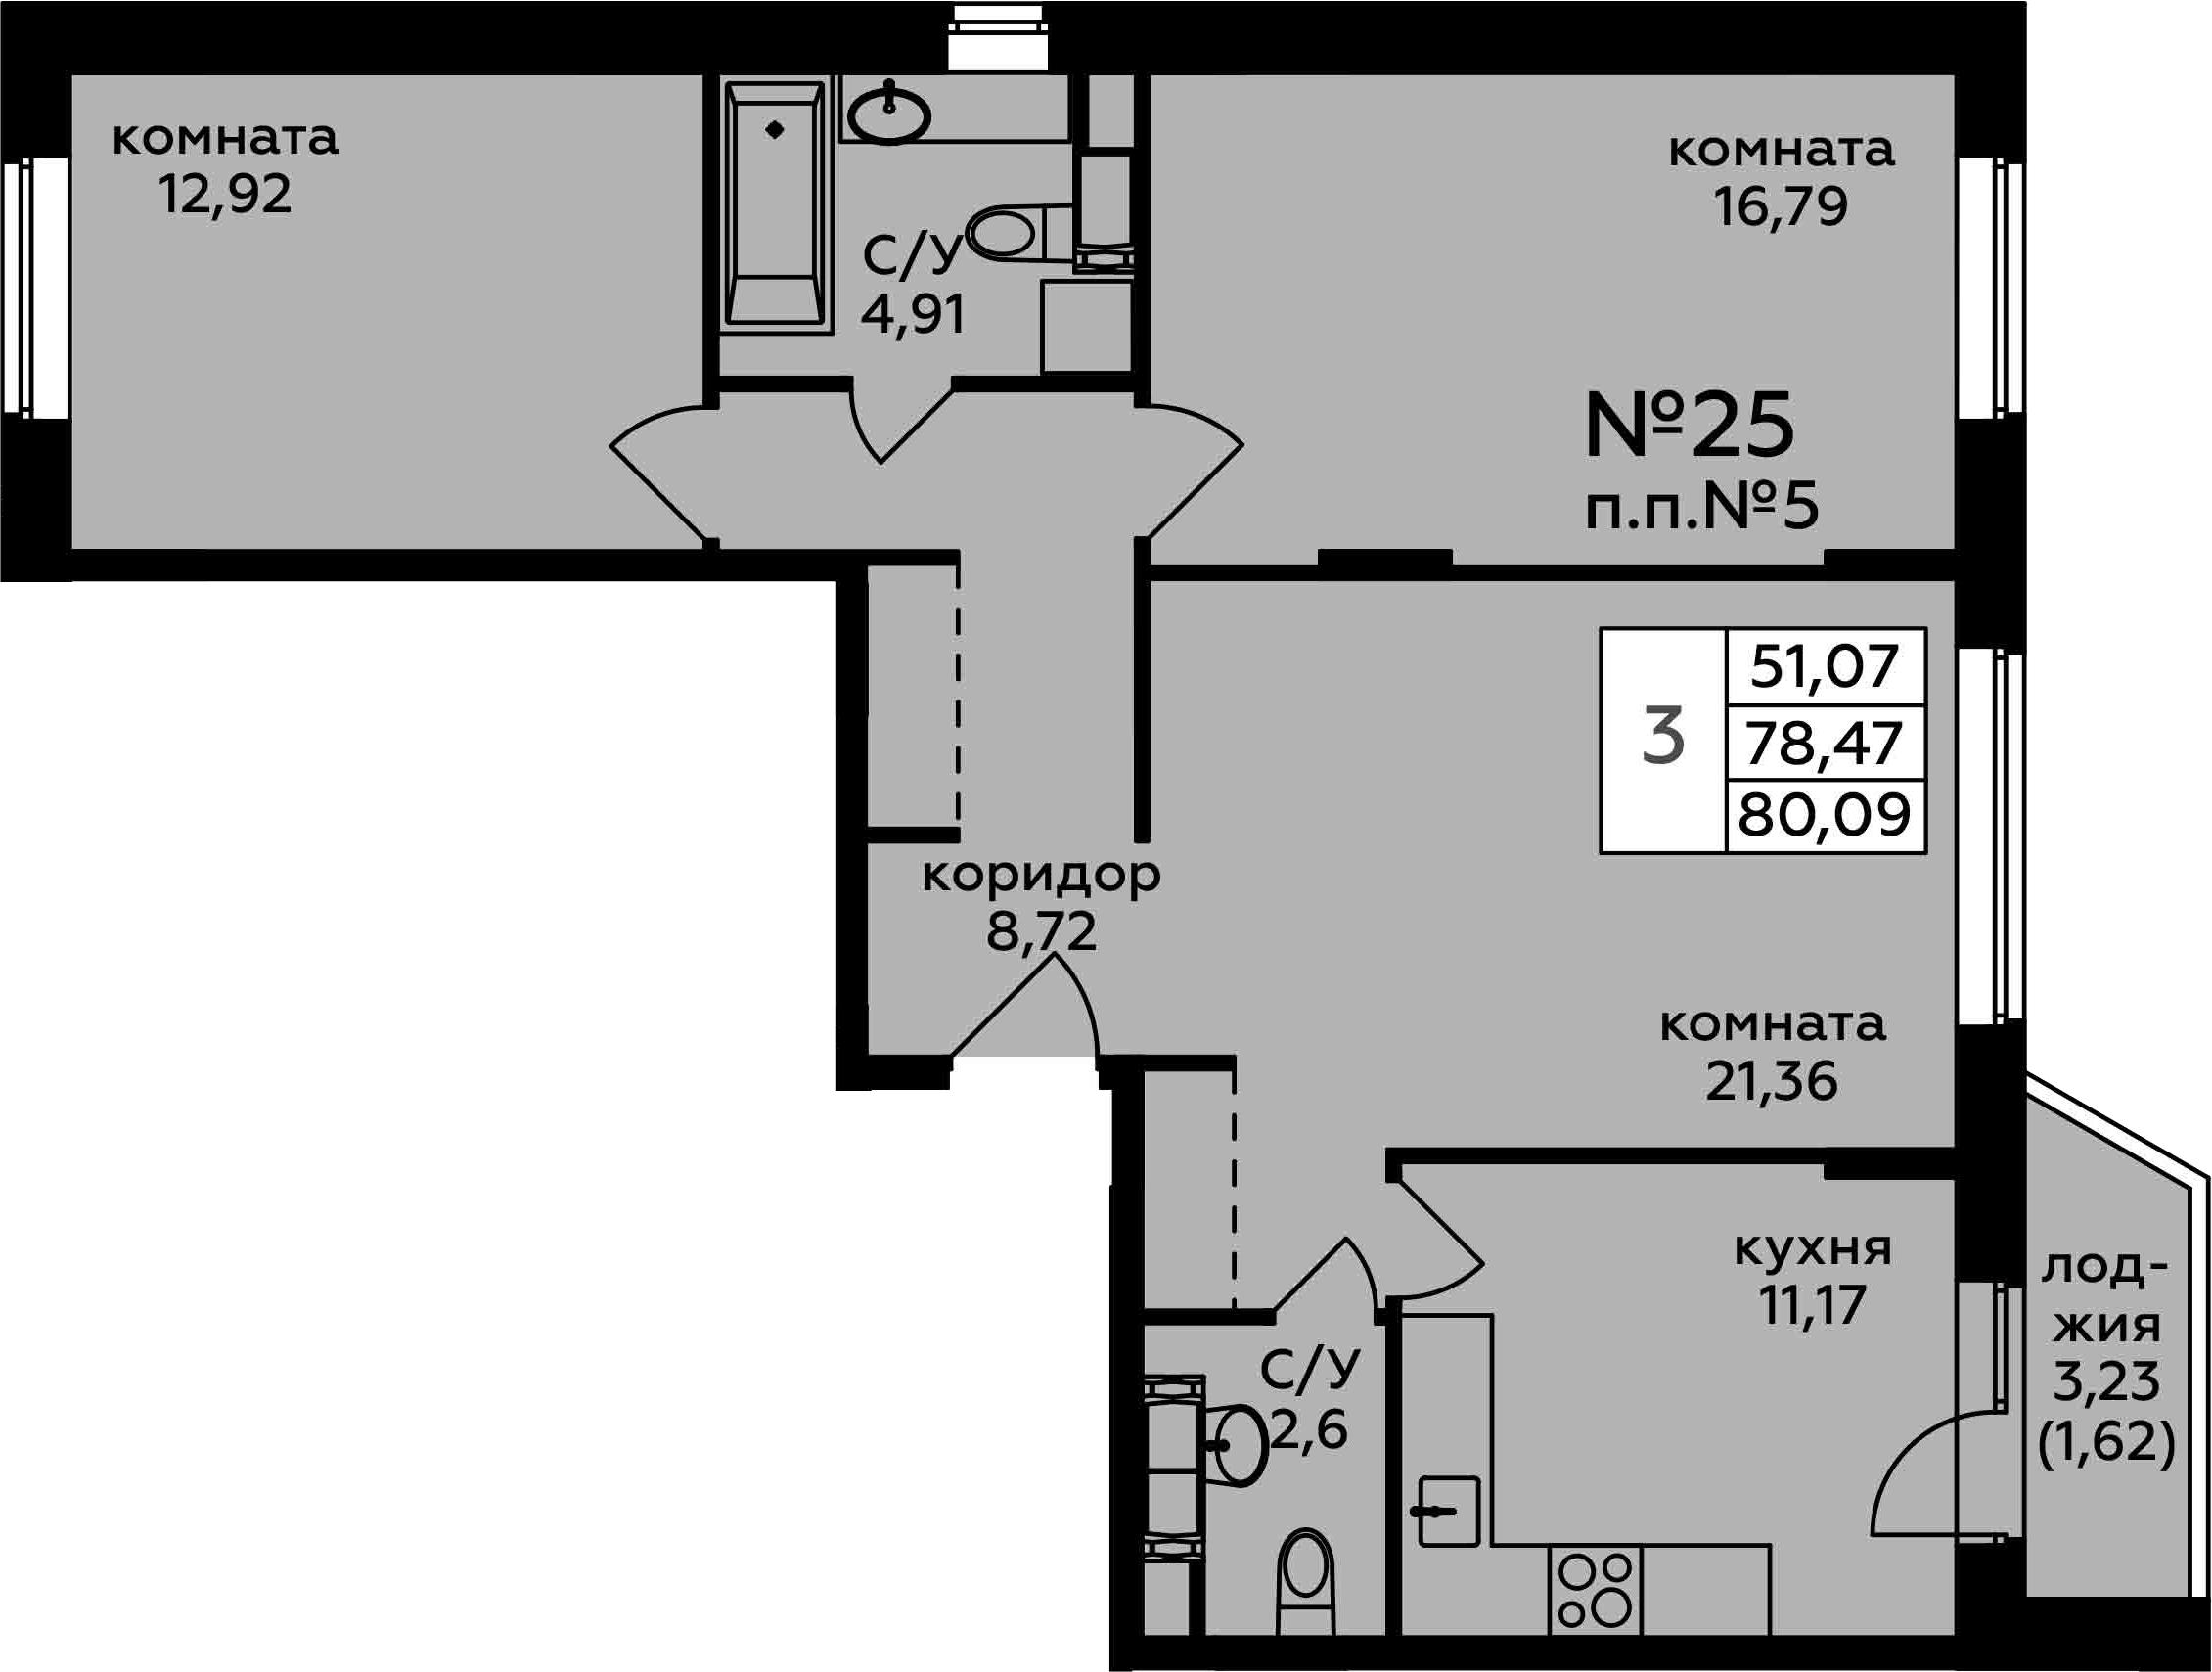 3-к.кв, 80.09 м²